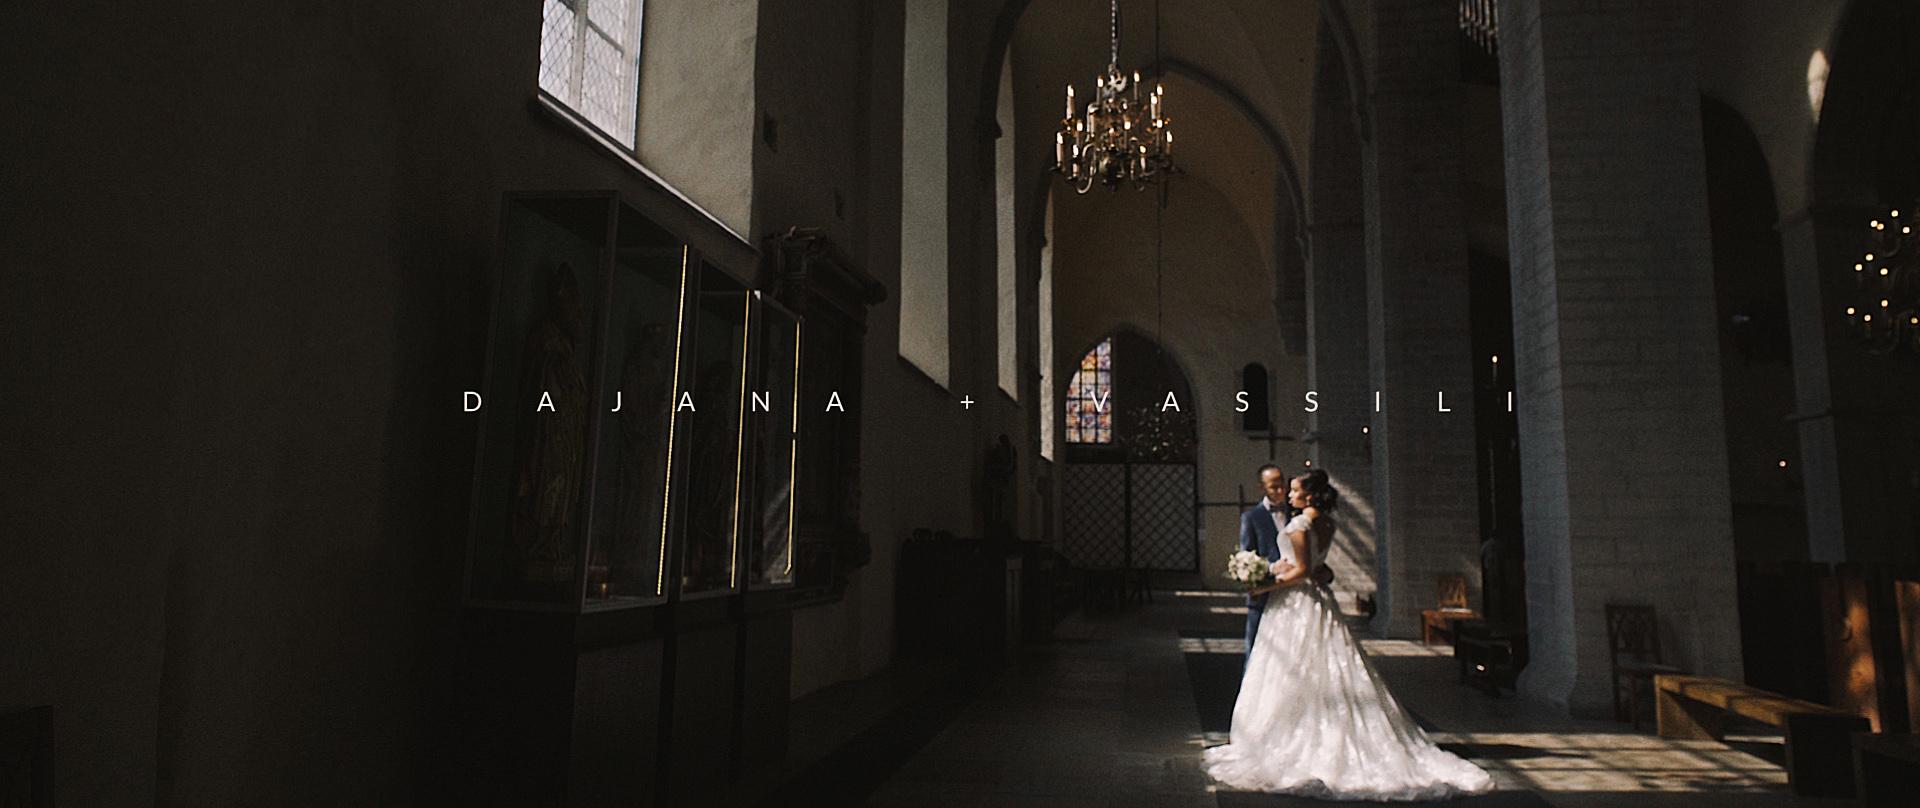 Dajana + Vassili | Saku, Estonia | Saku manor